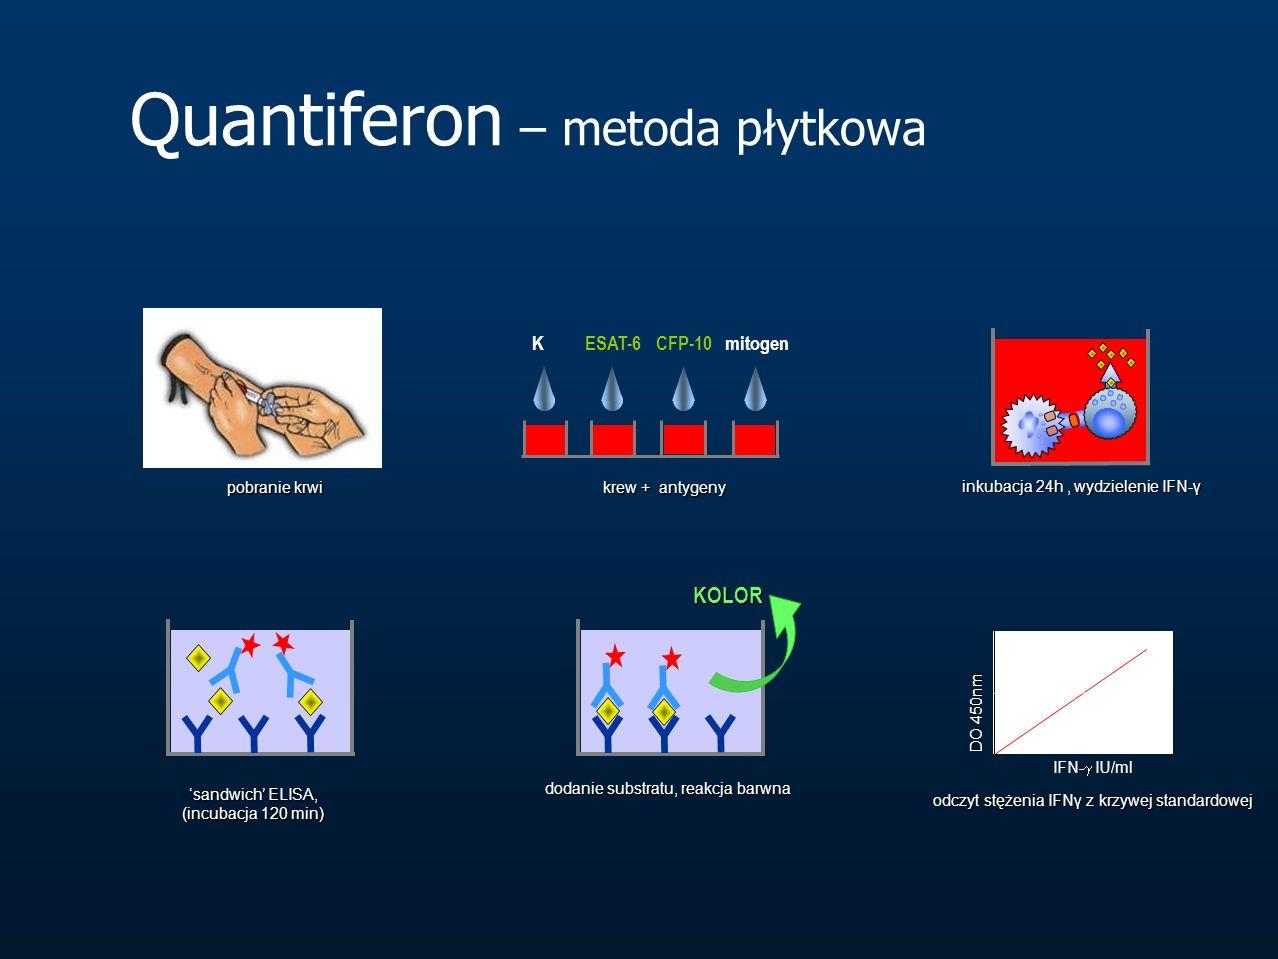 pobranie krwi pobranie krwi ESAT-6CFP-10 mitogen krew + antygeny inkubacja 24h, wydzielenie IFN-γ inkubacja 24h, wydzielenie IFN-γ 'sandwich' ELISA, (